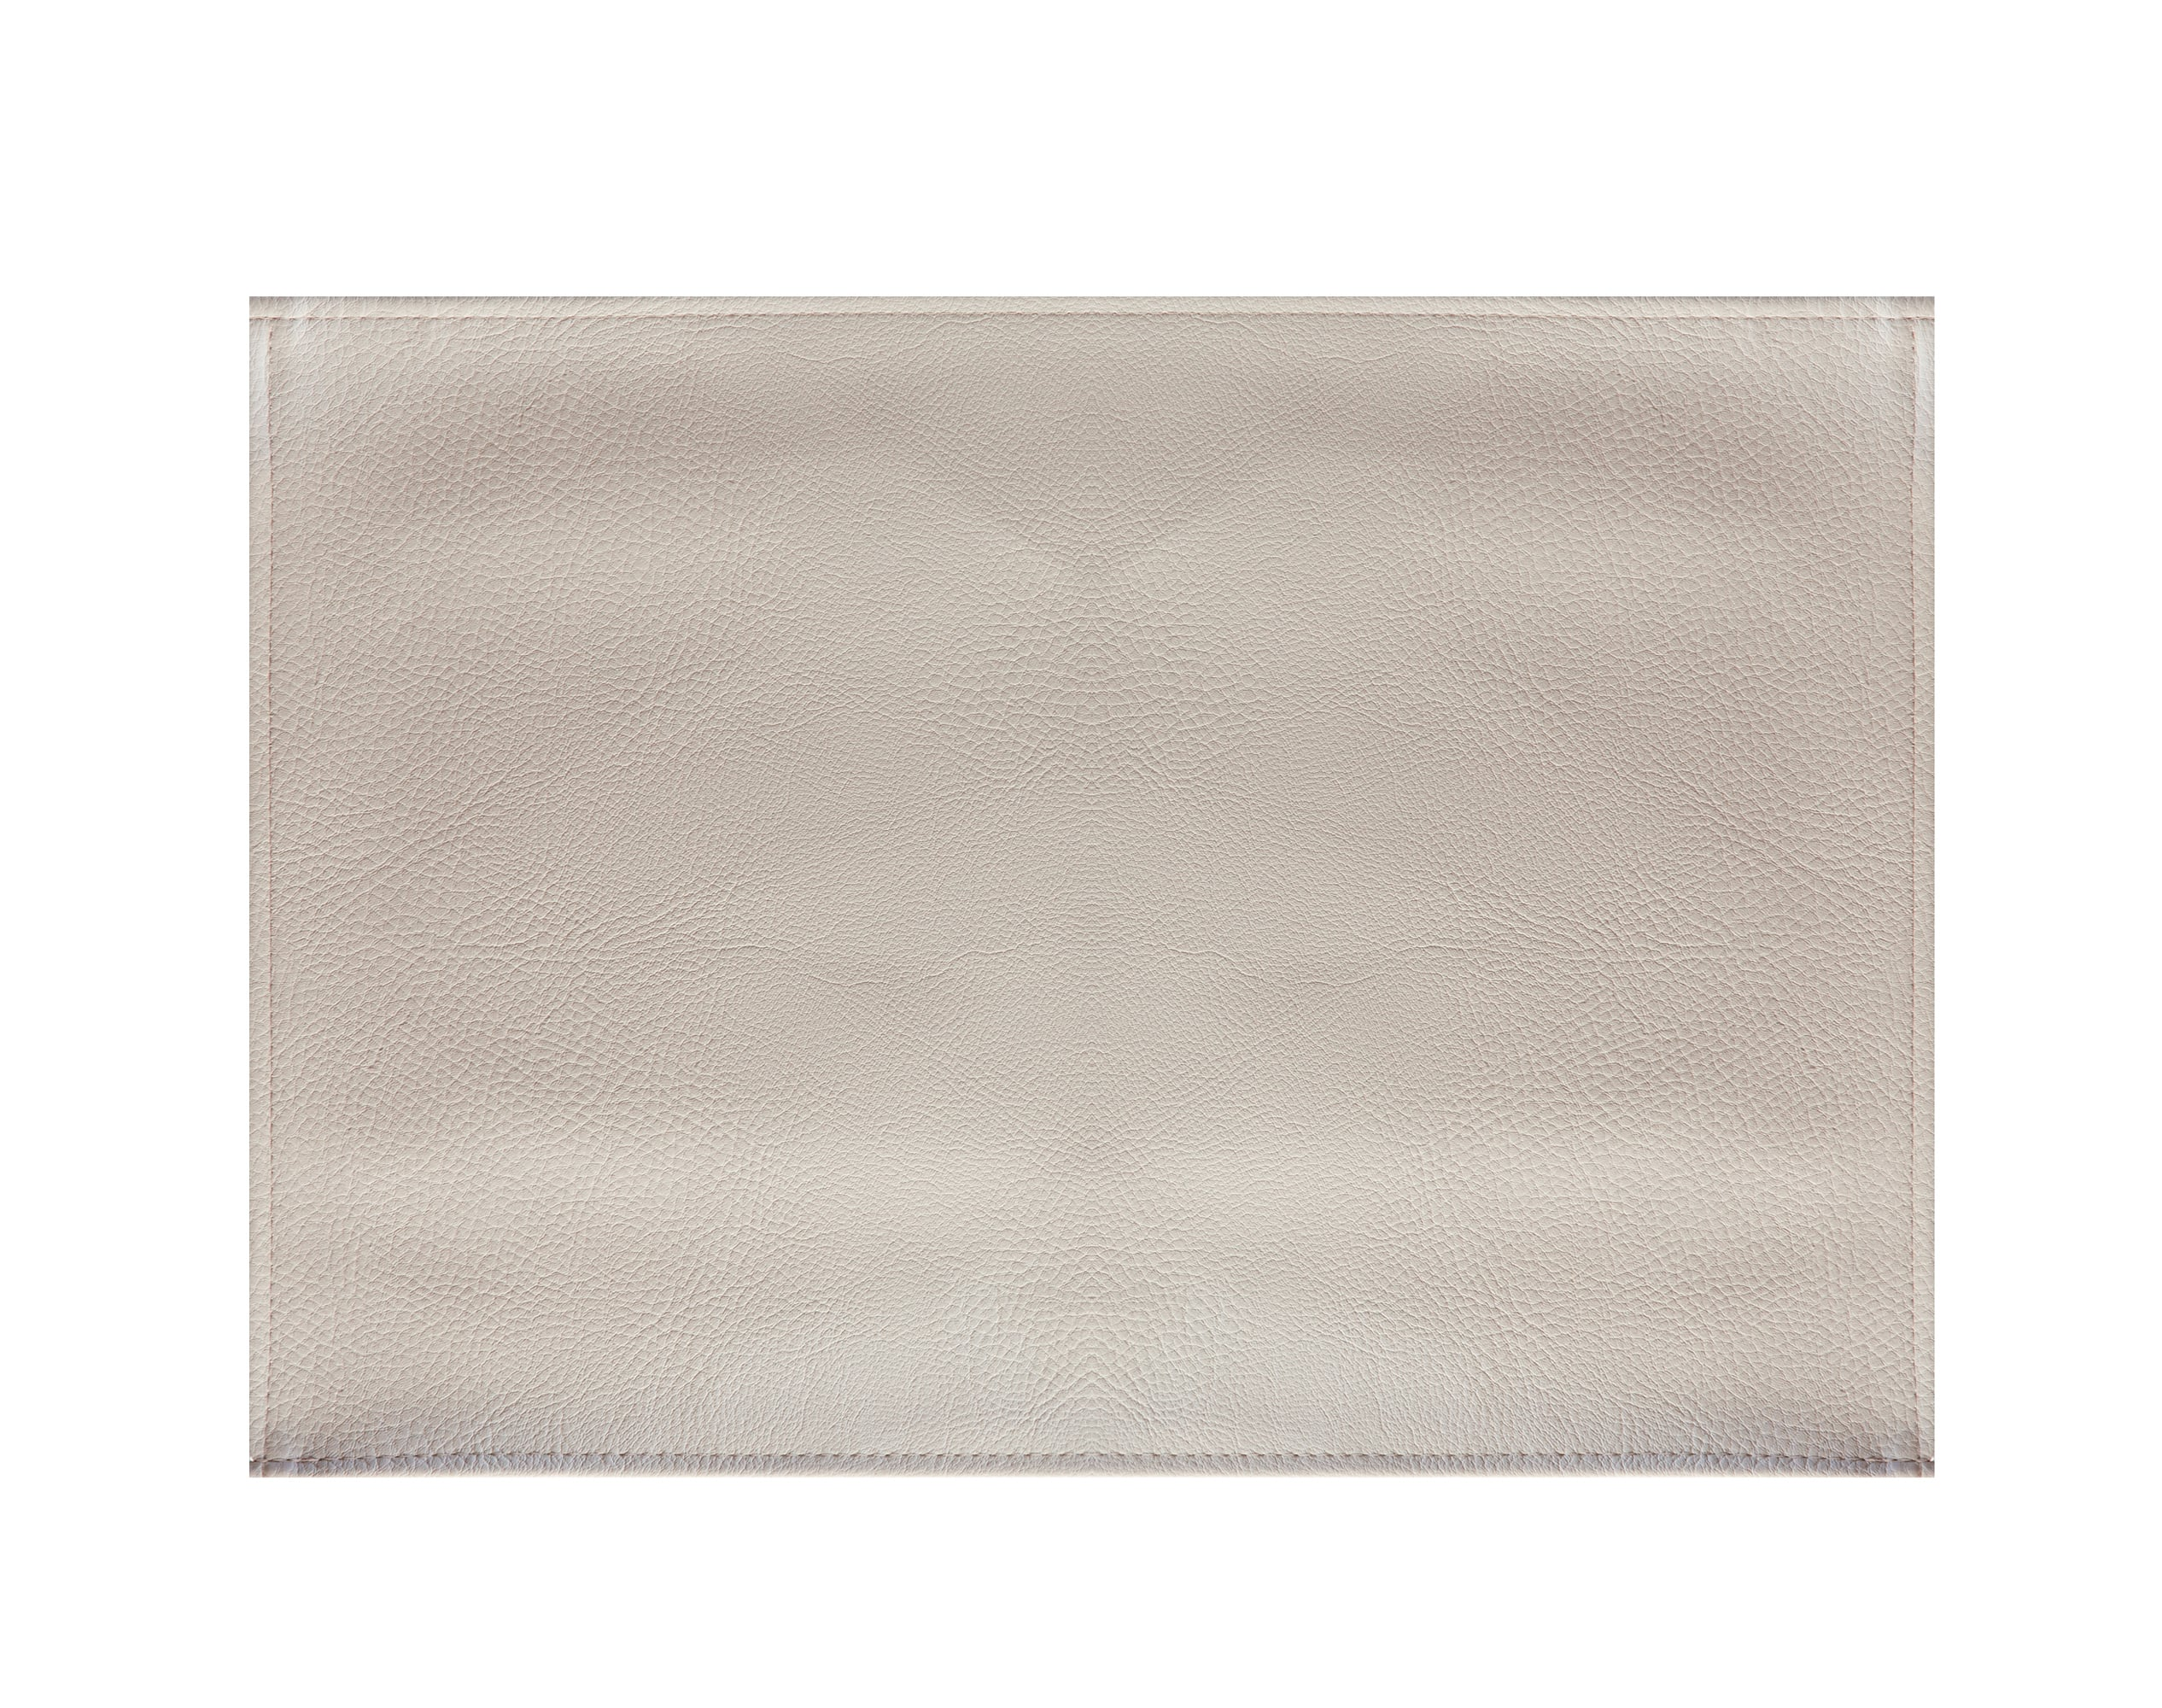 Lot de 2 sets de table aspect grainé beige sable 45x30